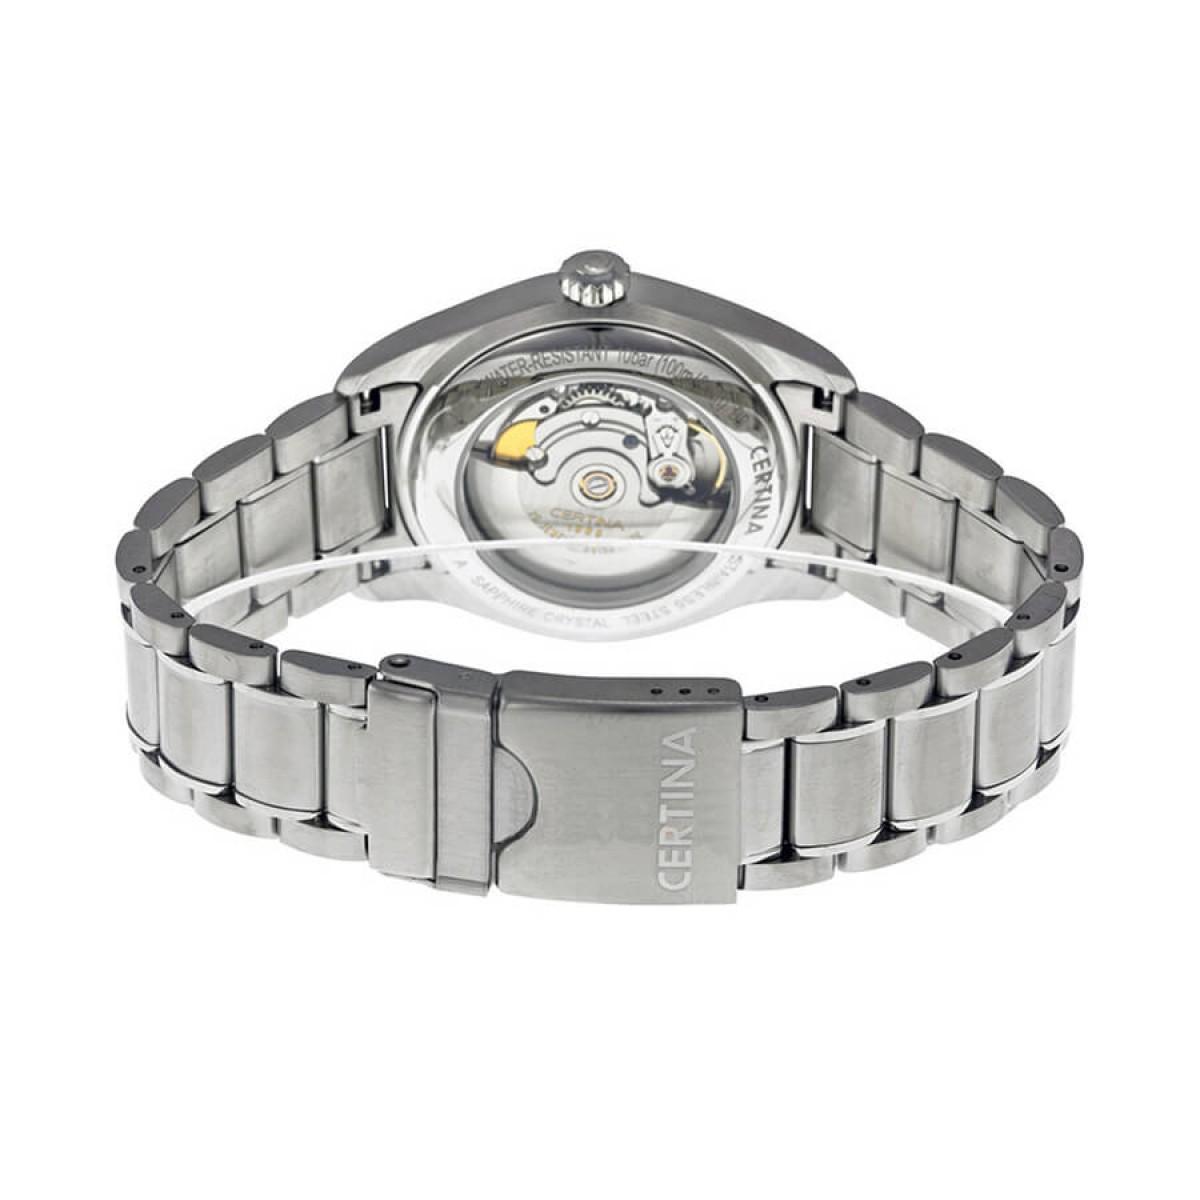 Часовник Certina C006.407.11.058.00